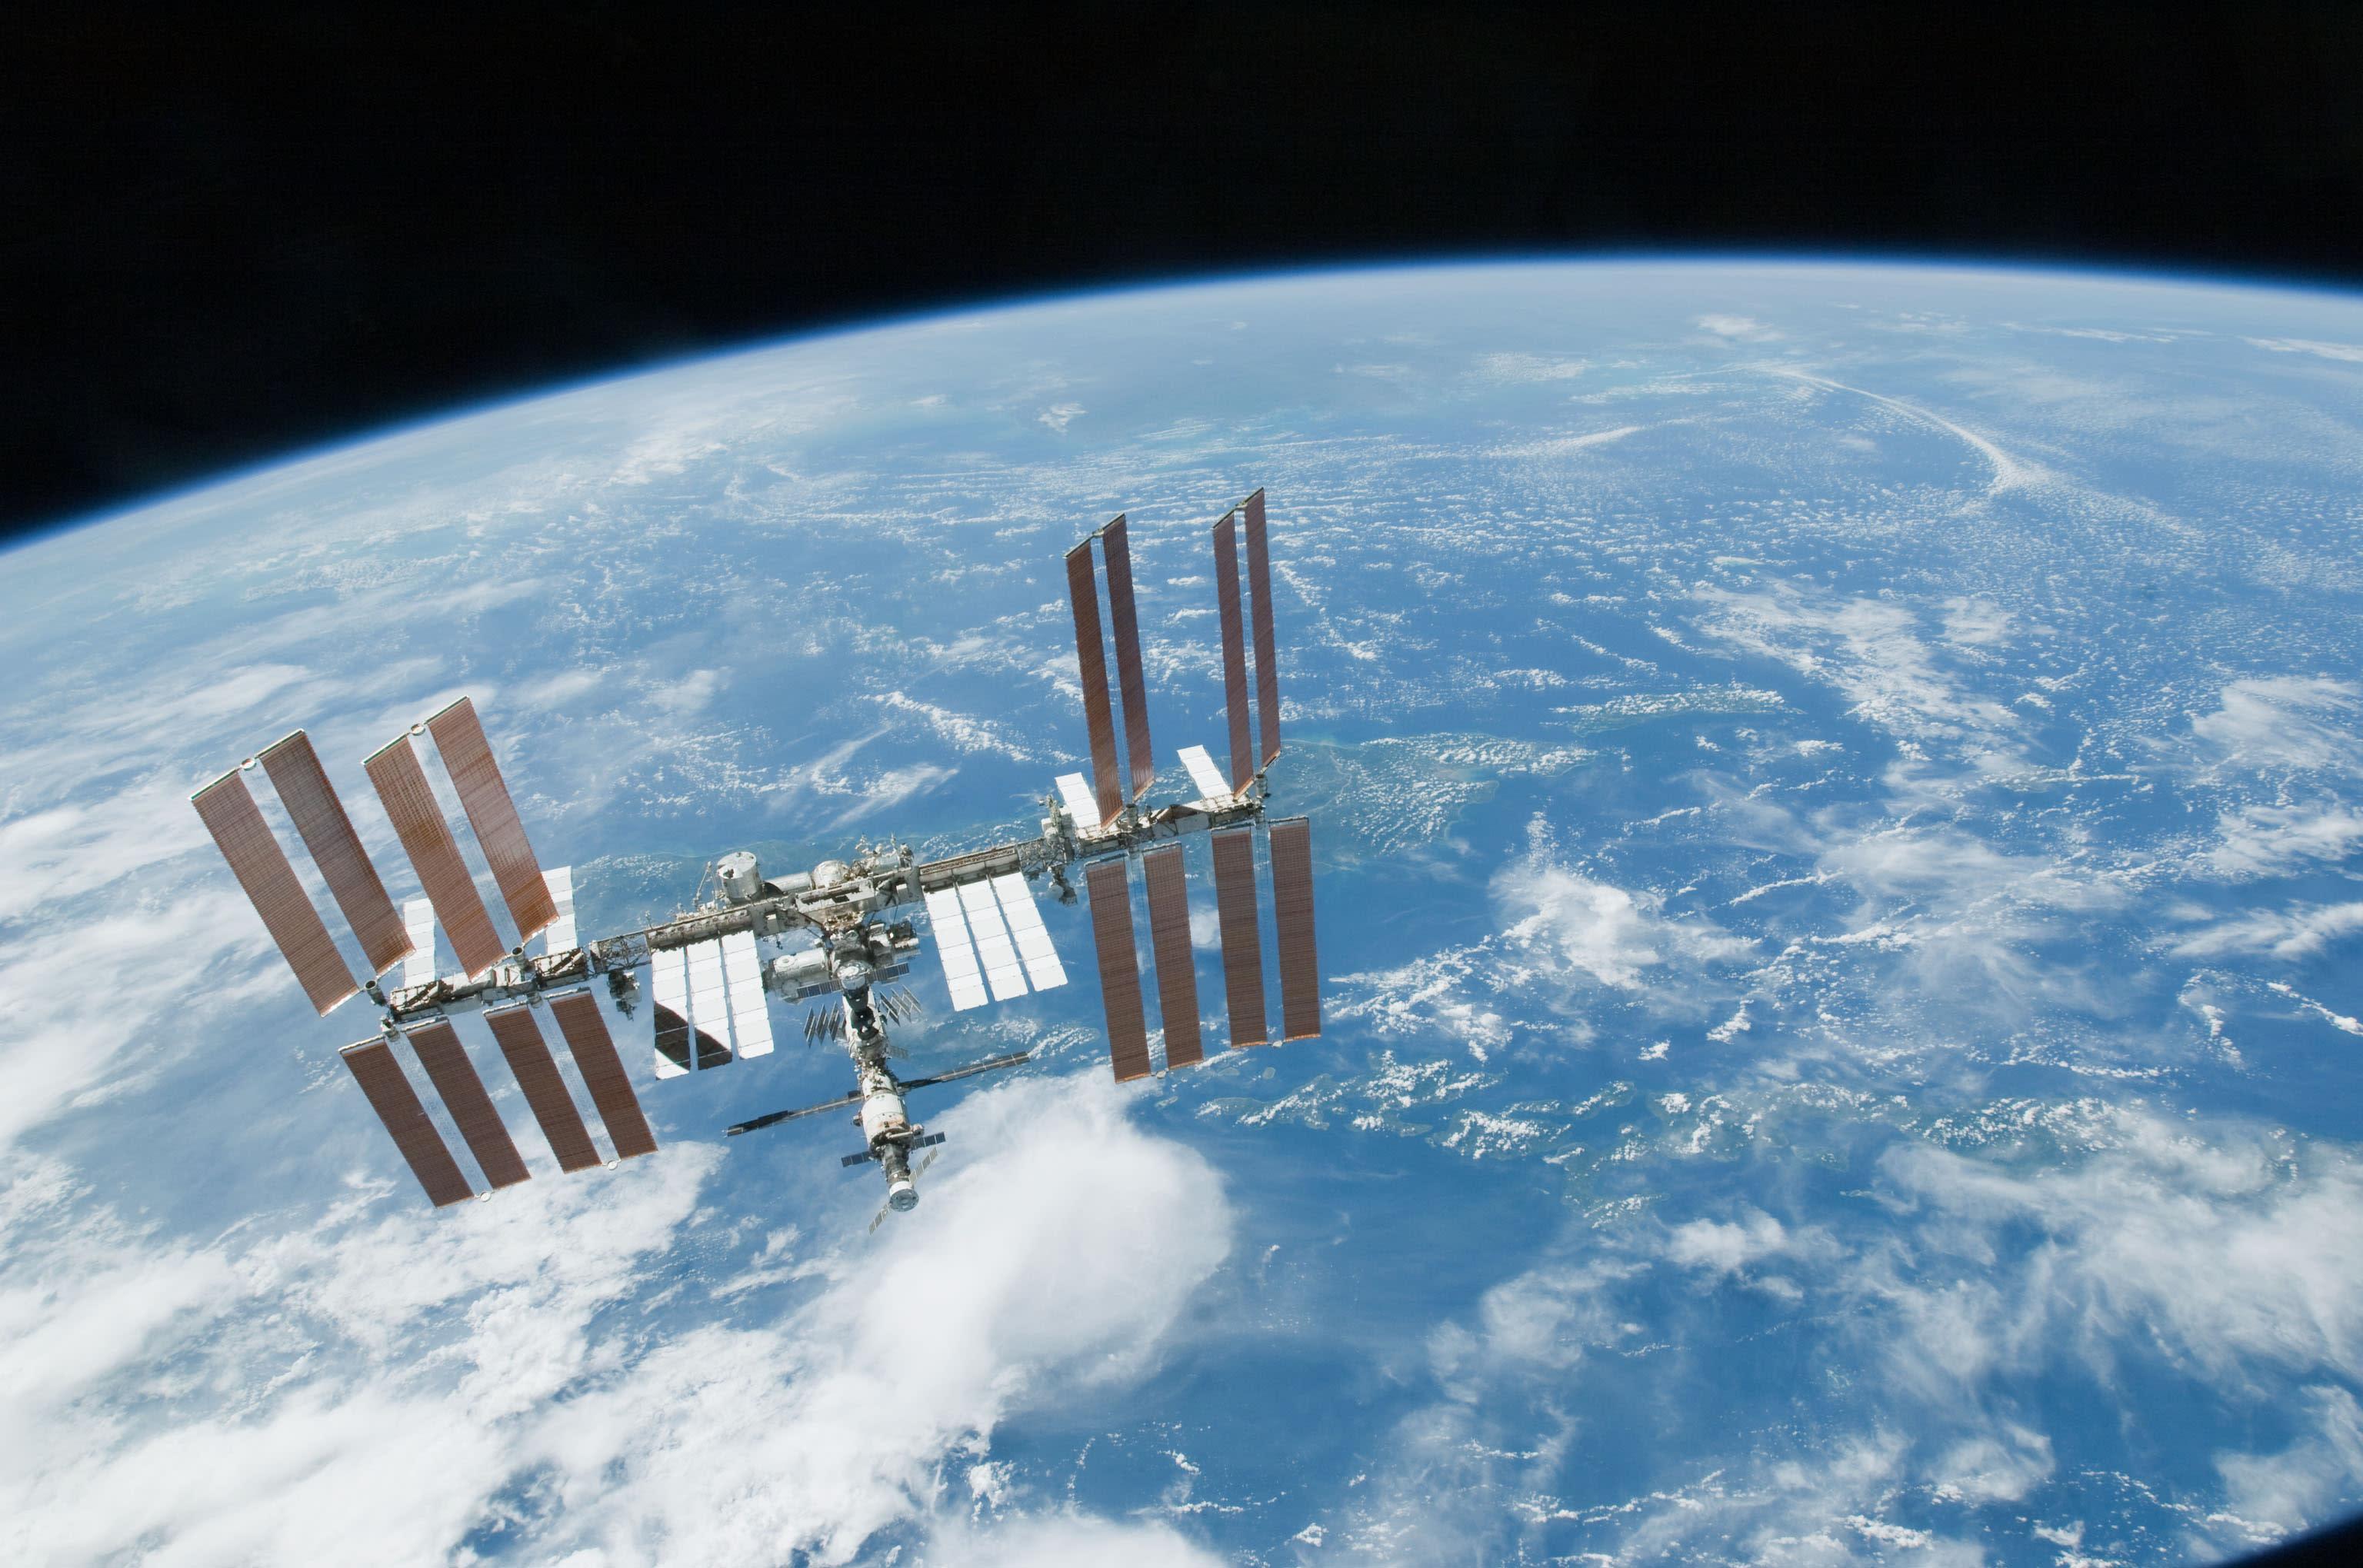 nasa satellite images - HD3072×2039